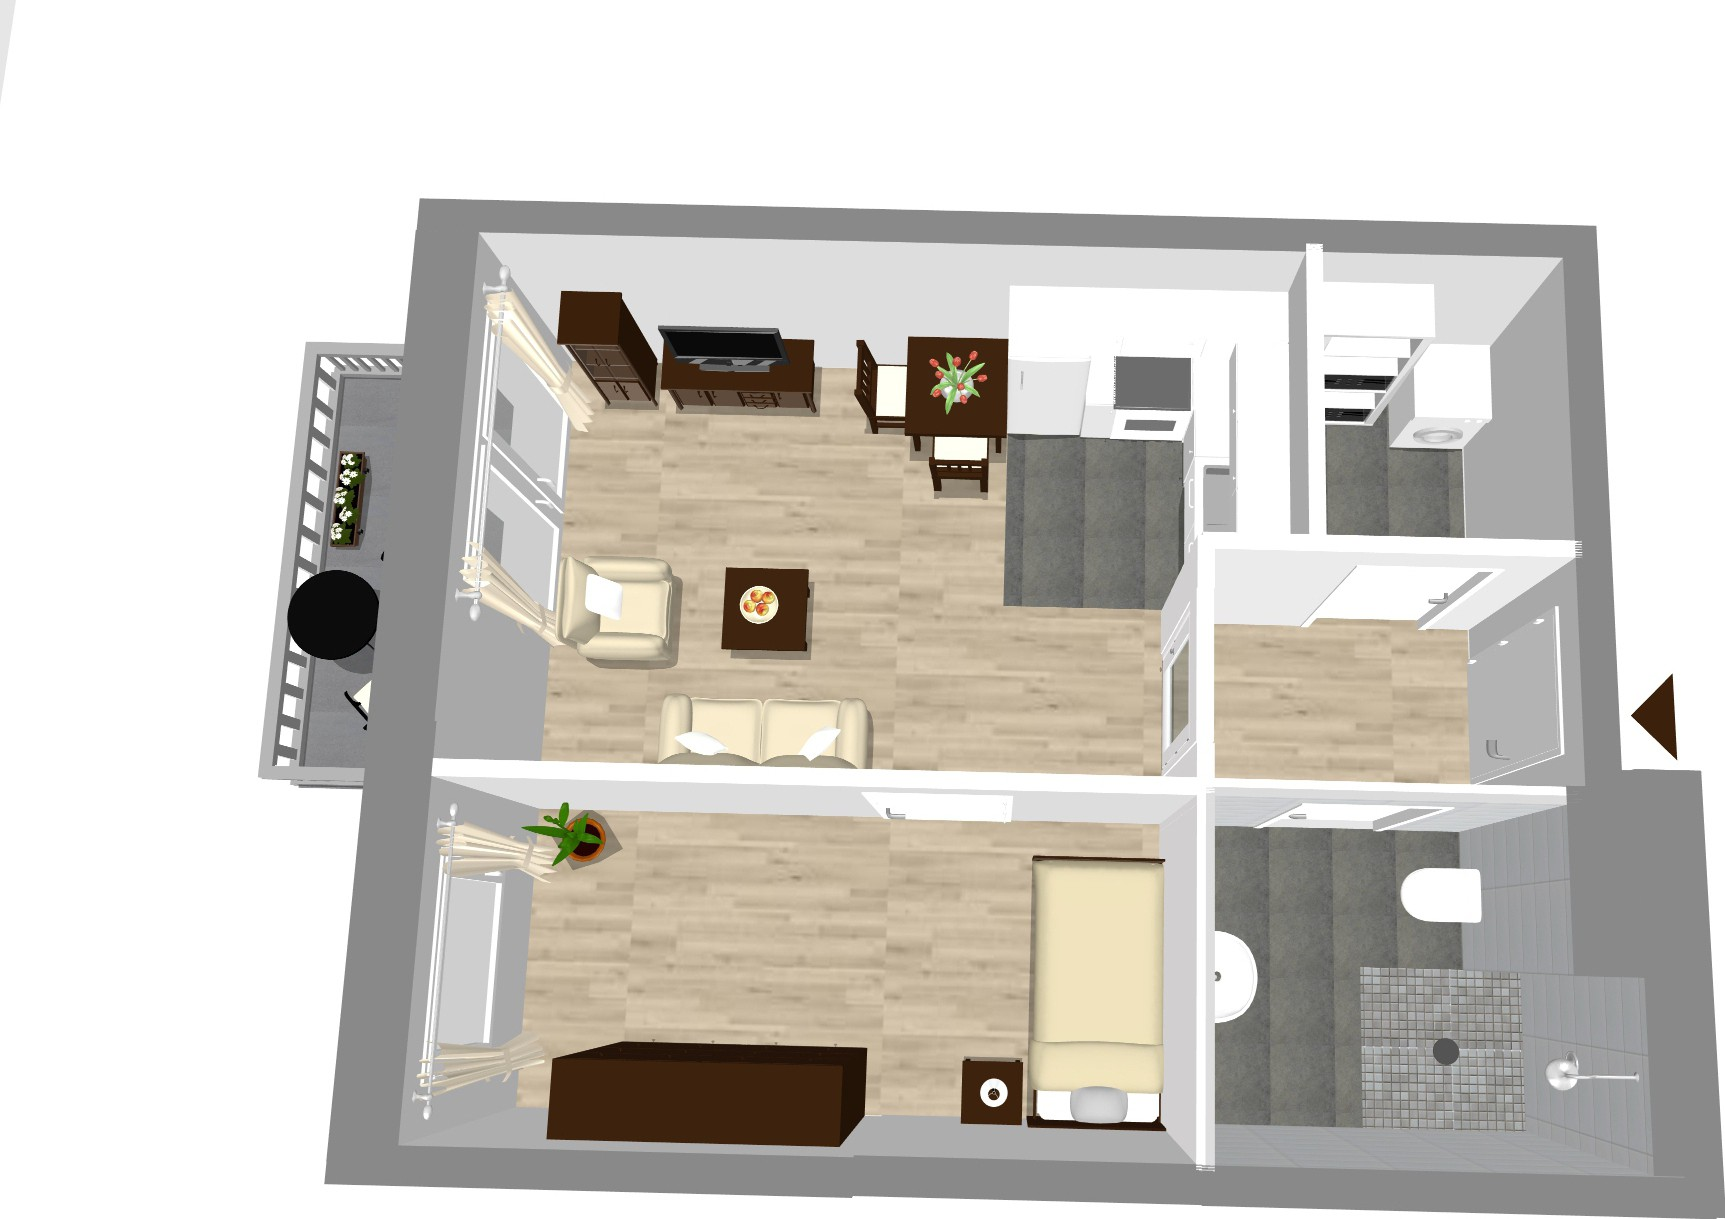 betreutes wohnen in beverstedt in beverstedt auf wohnen im. Black Bedroom Furniture Sets. Home Design Ideas